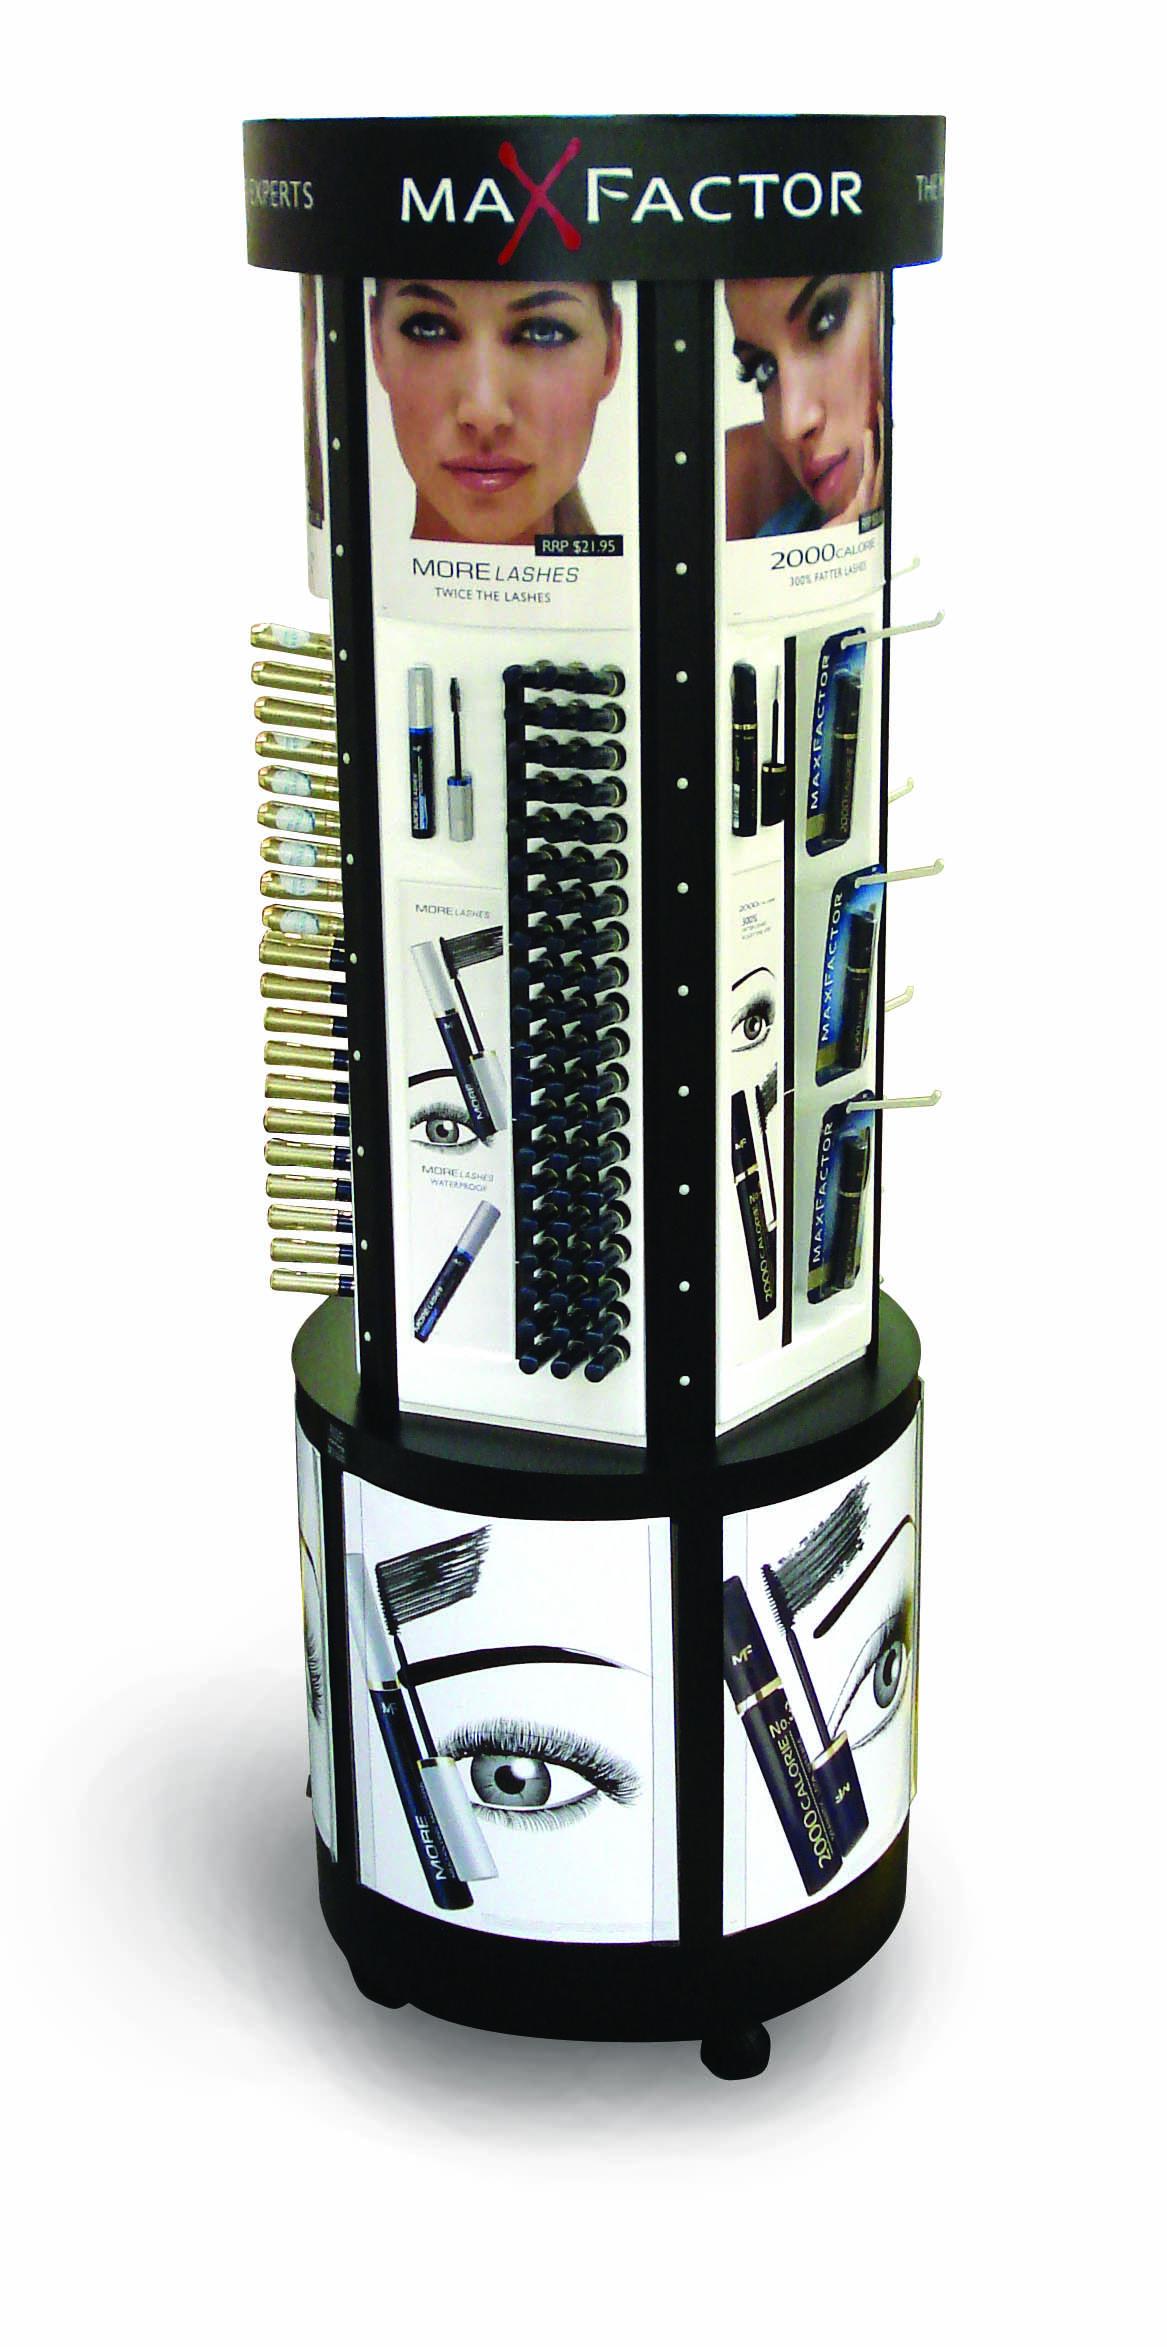 Maxfactor mascara spinner